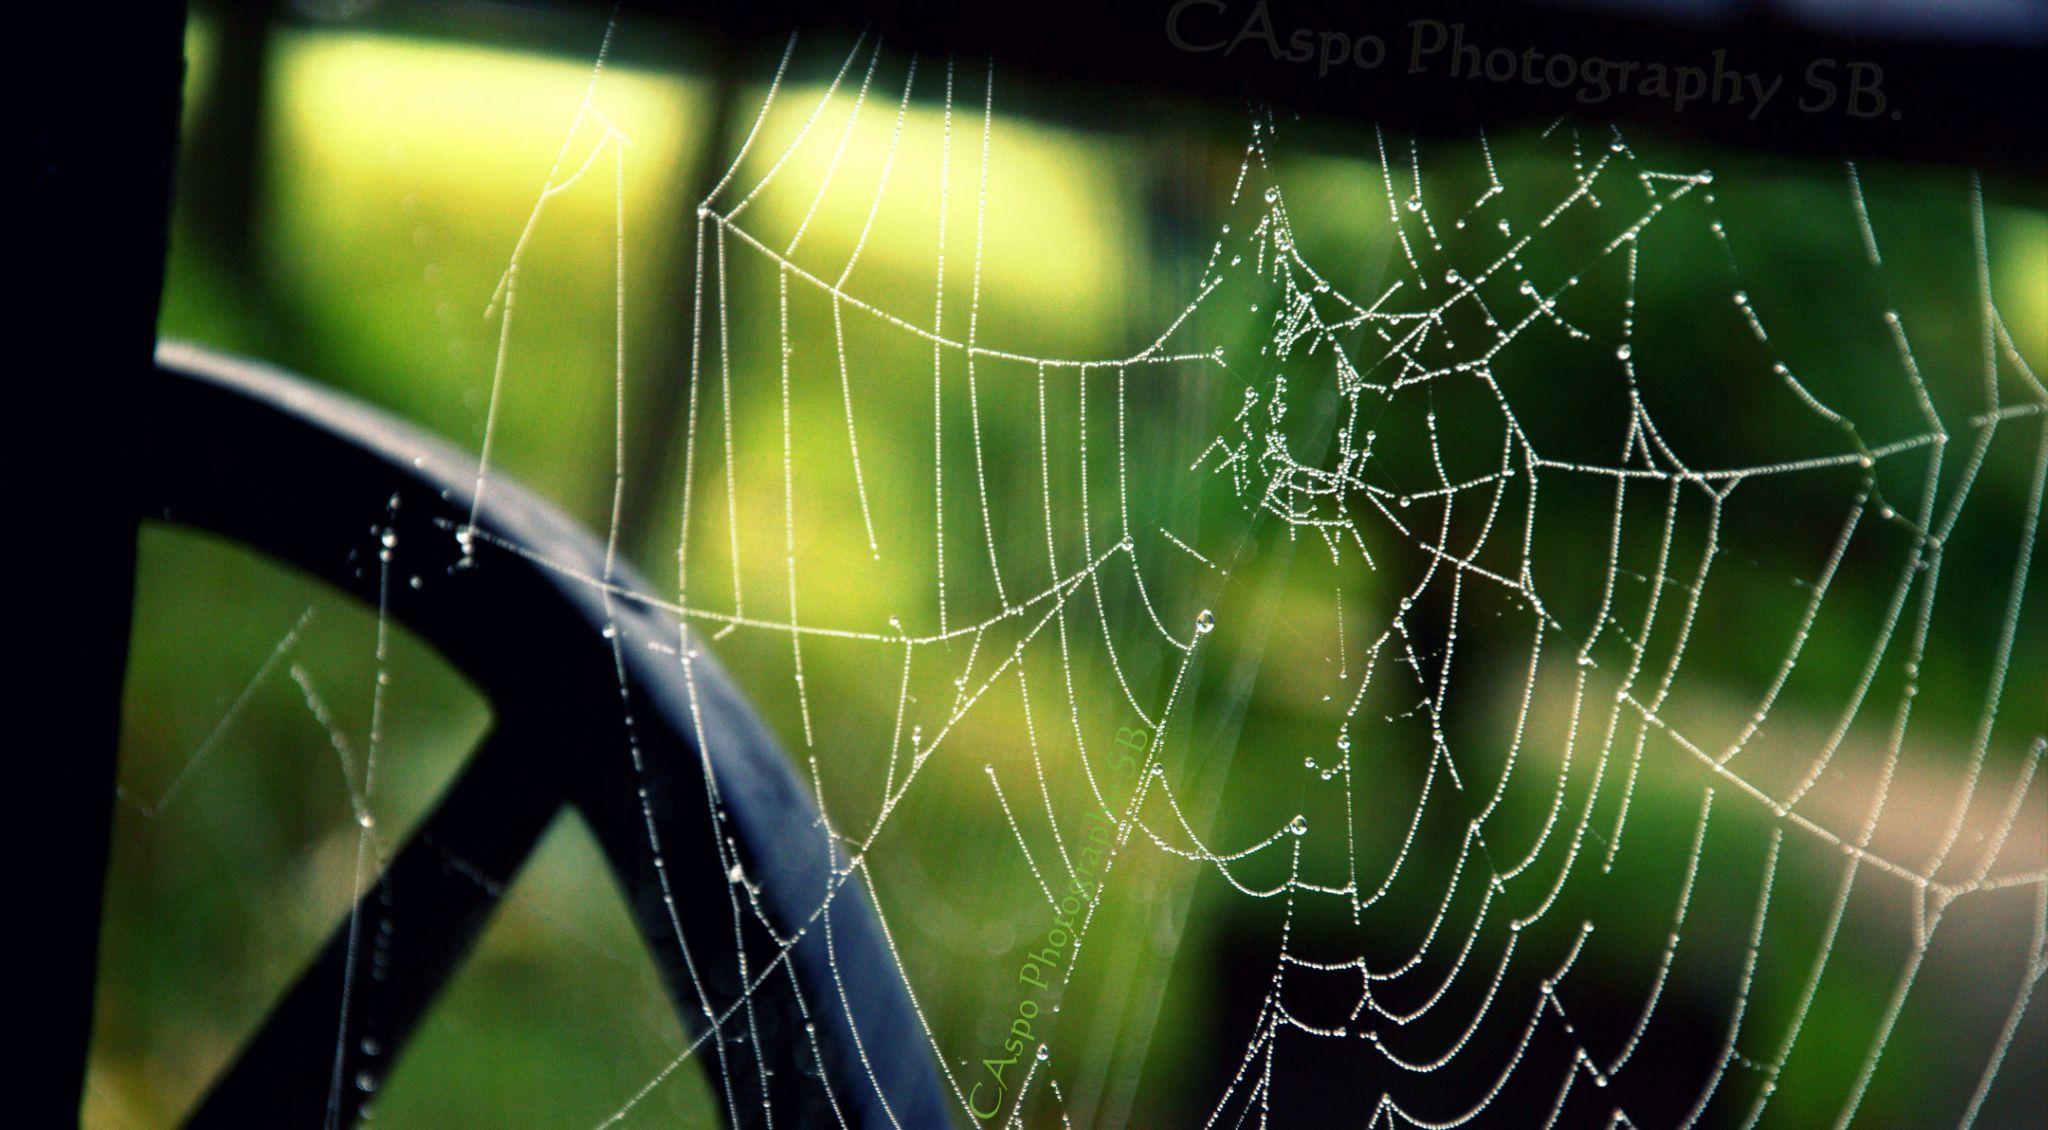 web by rastislavk1